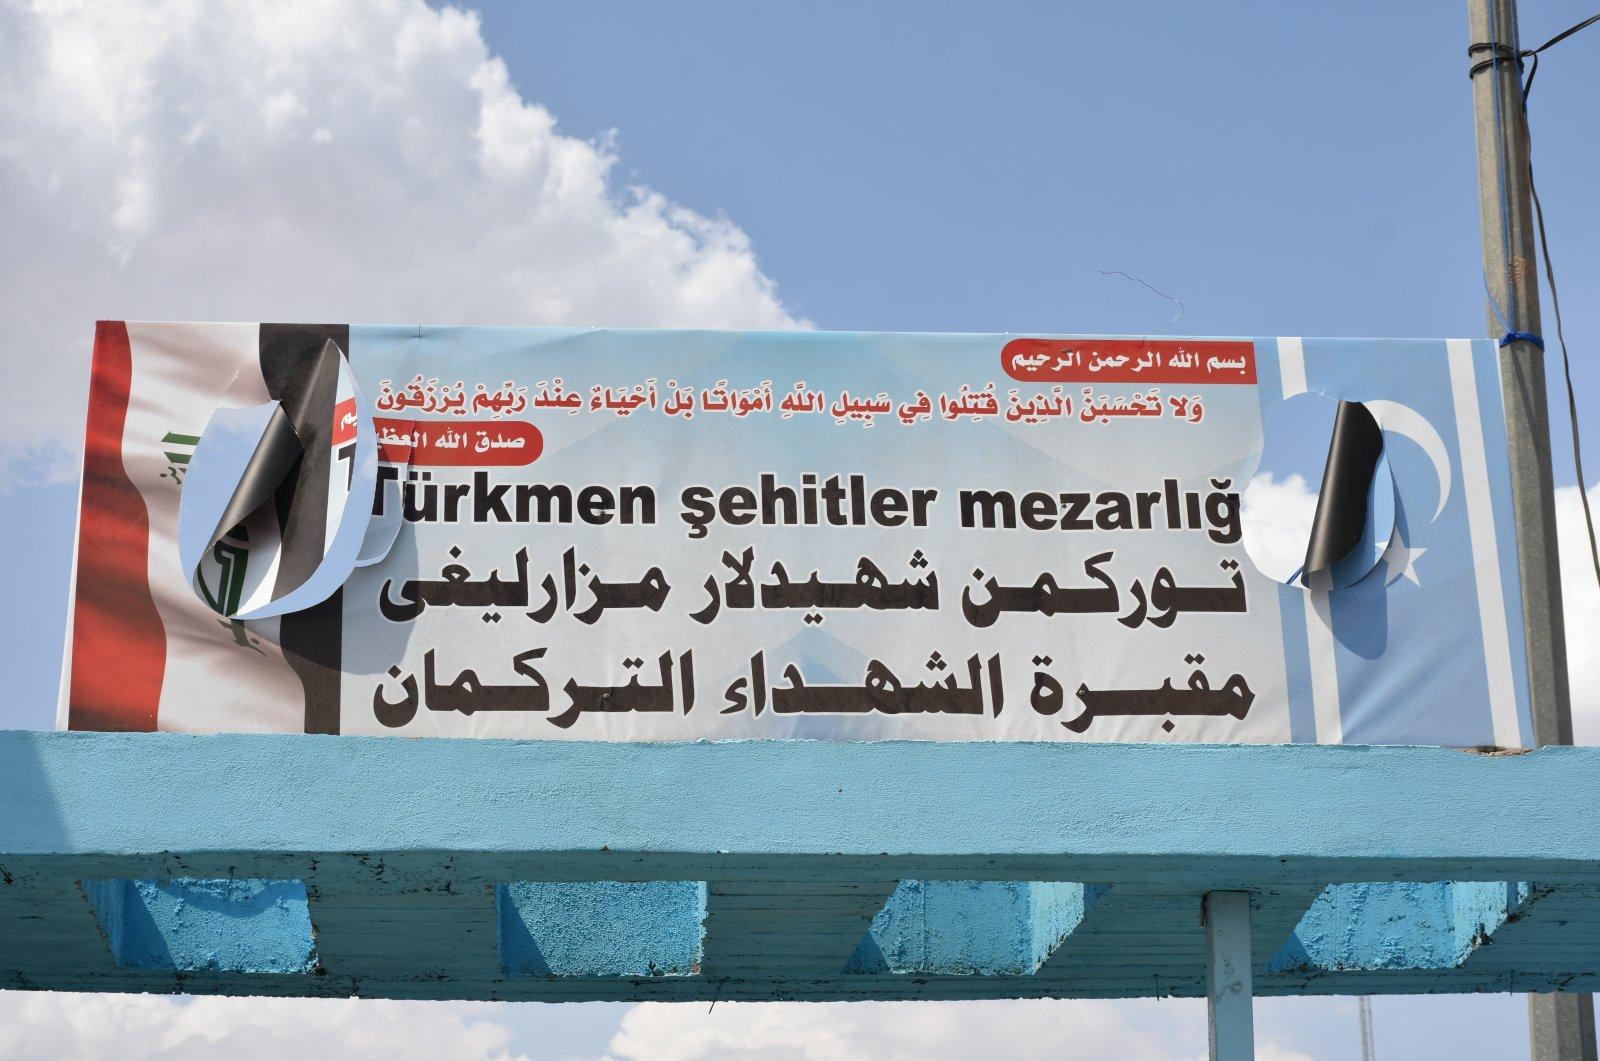 The Turkmen martyrs' cemetery in northern Iraq's Kirkuk, June 20, 2020. (AA Photo)